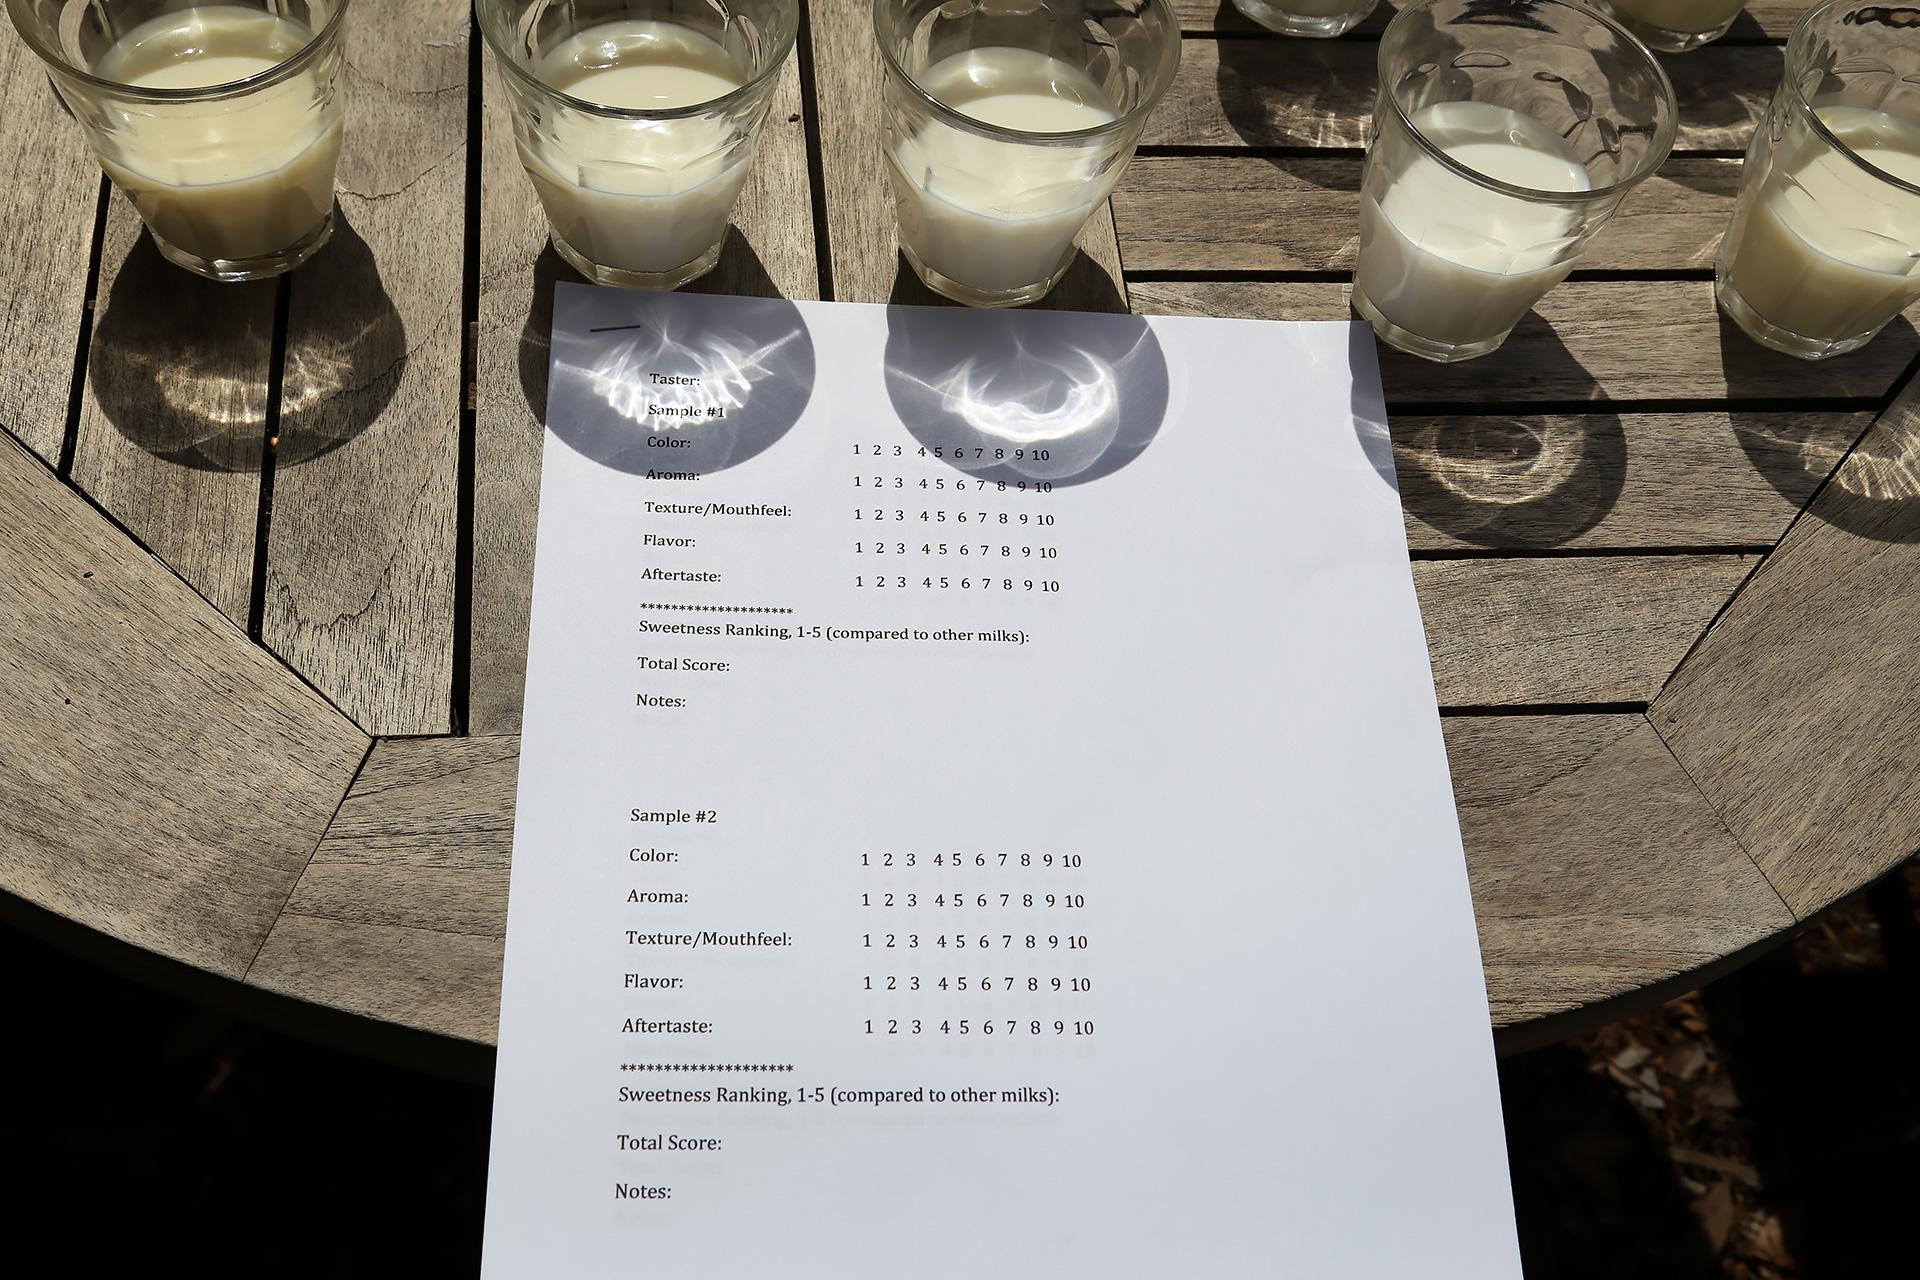 O sistema de classificação do leite para o teste de sabor